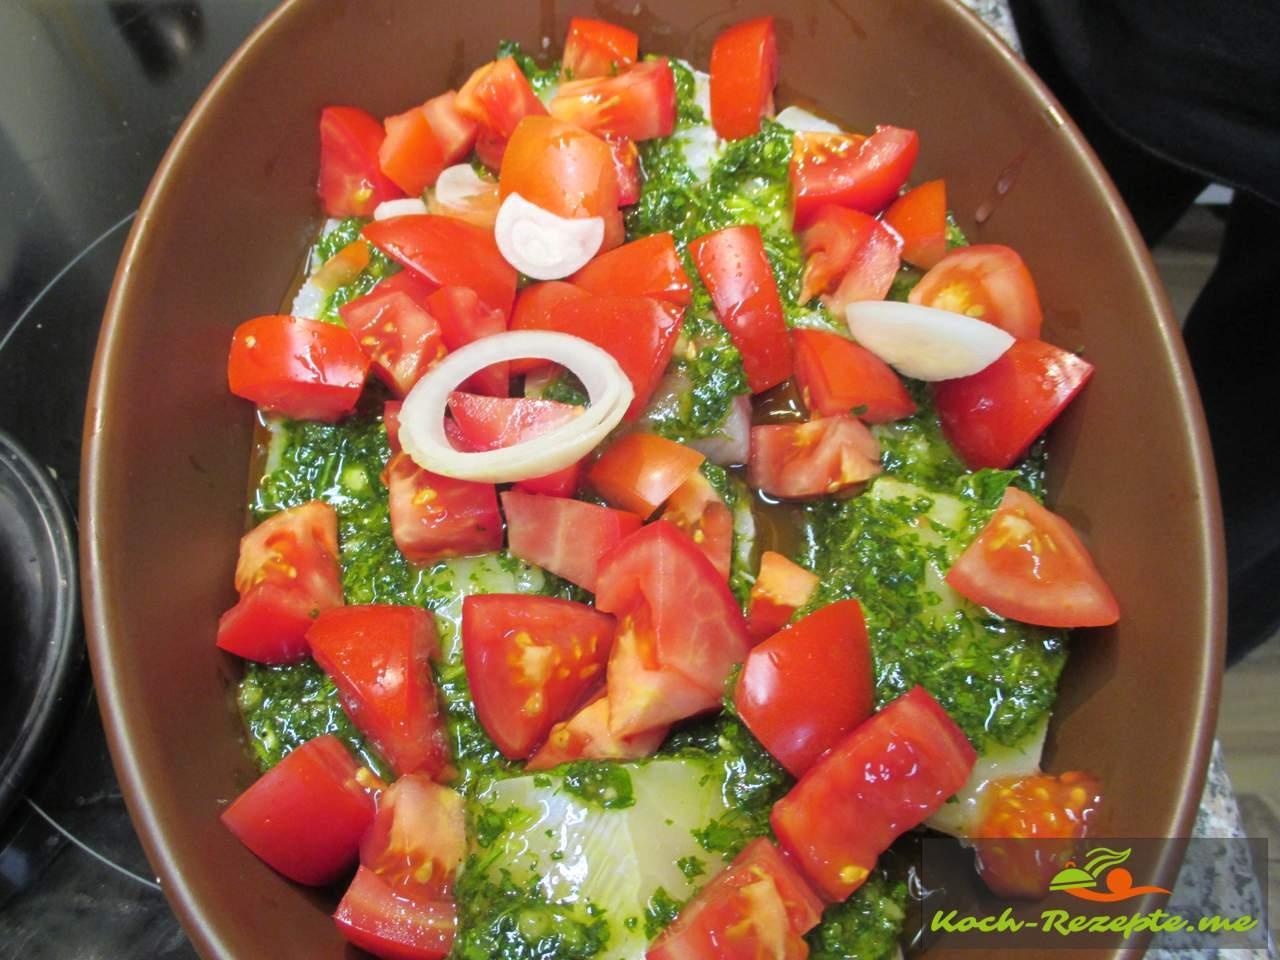 Die Tomaten und Zwiebelringe schichten und ziehen lassen